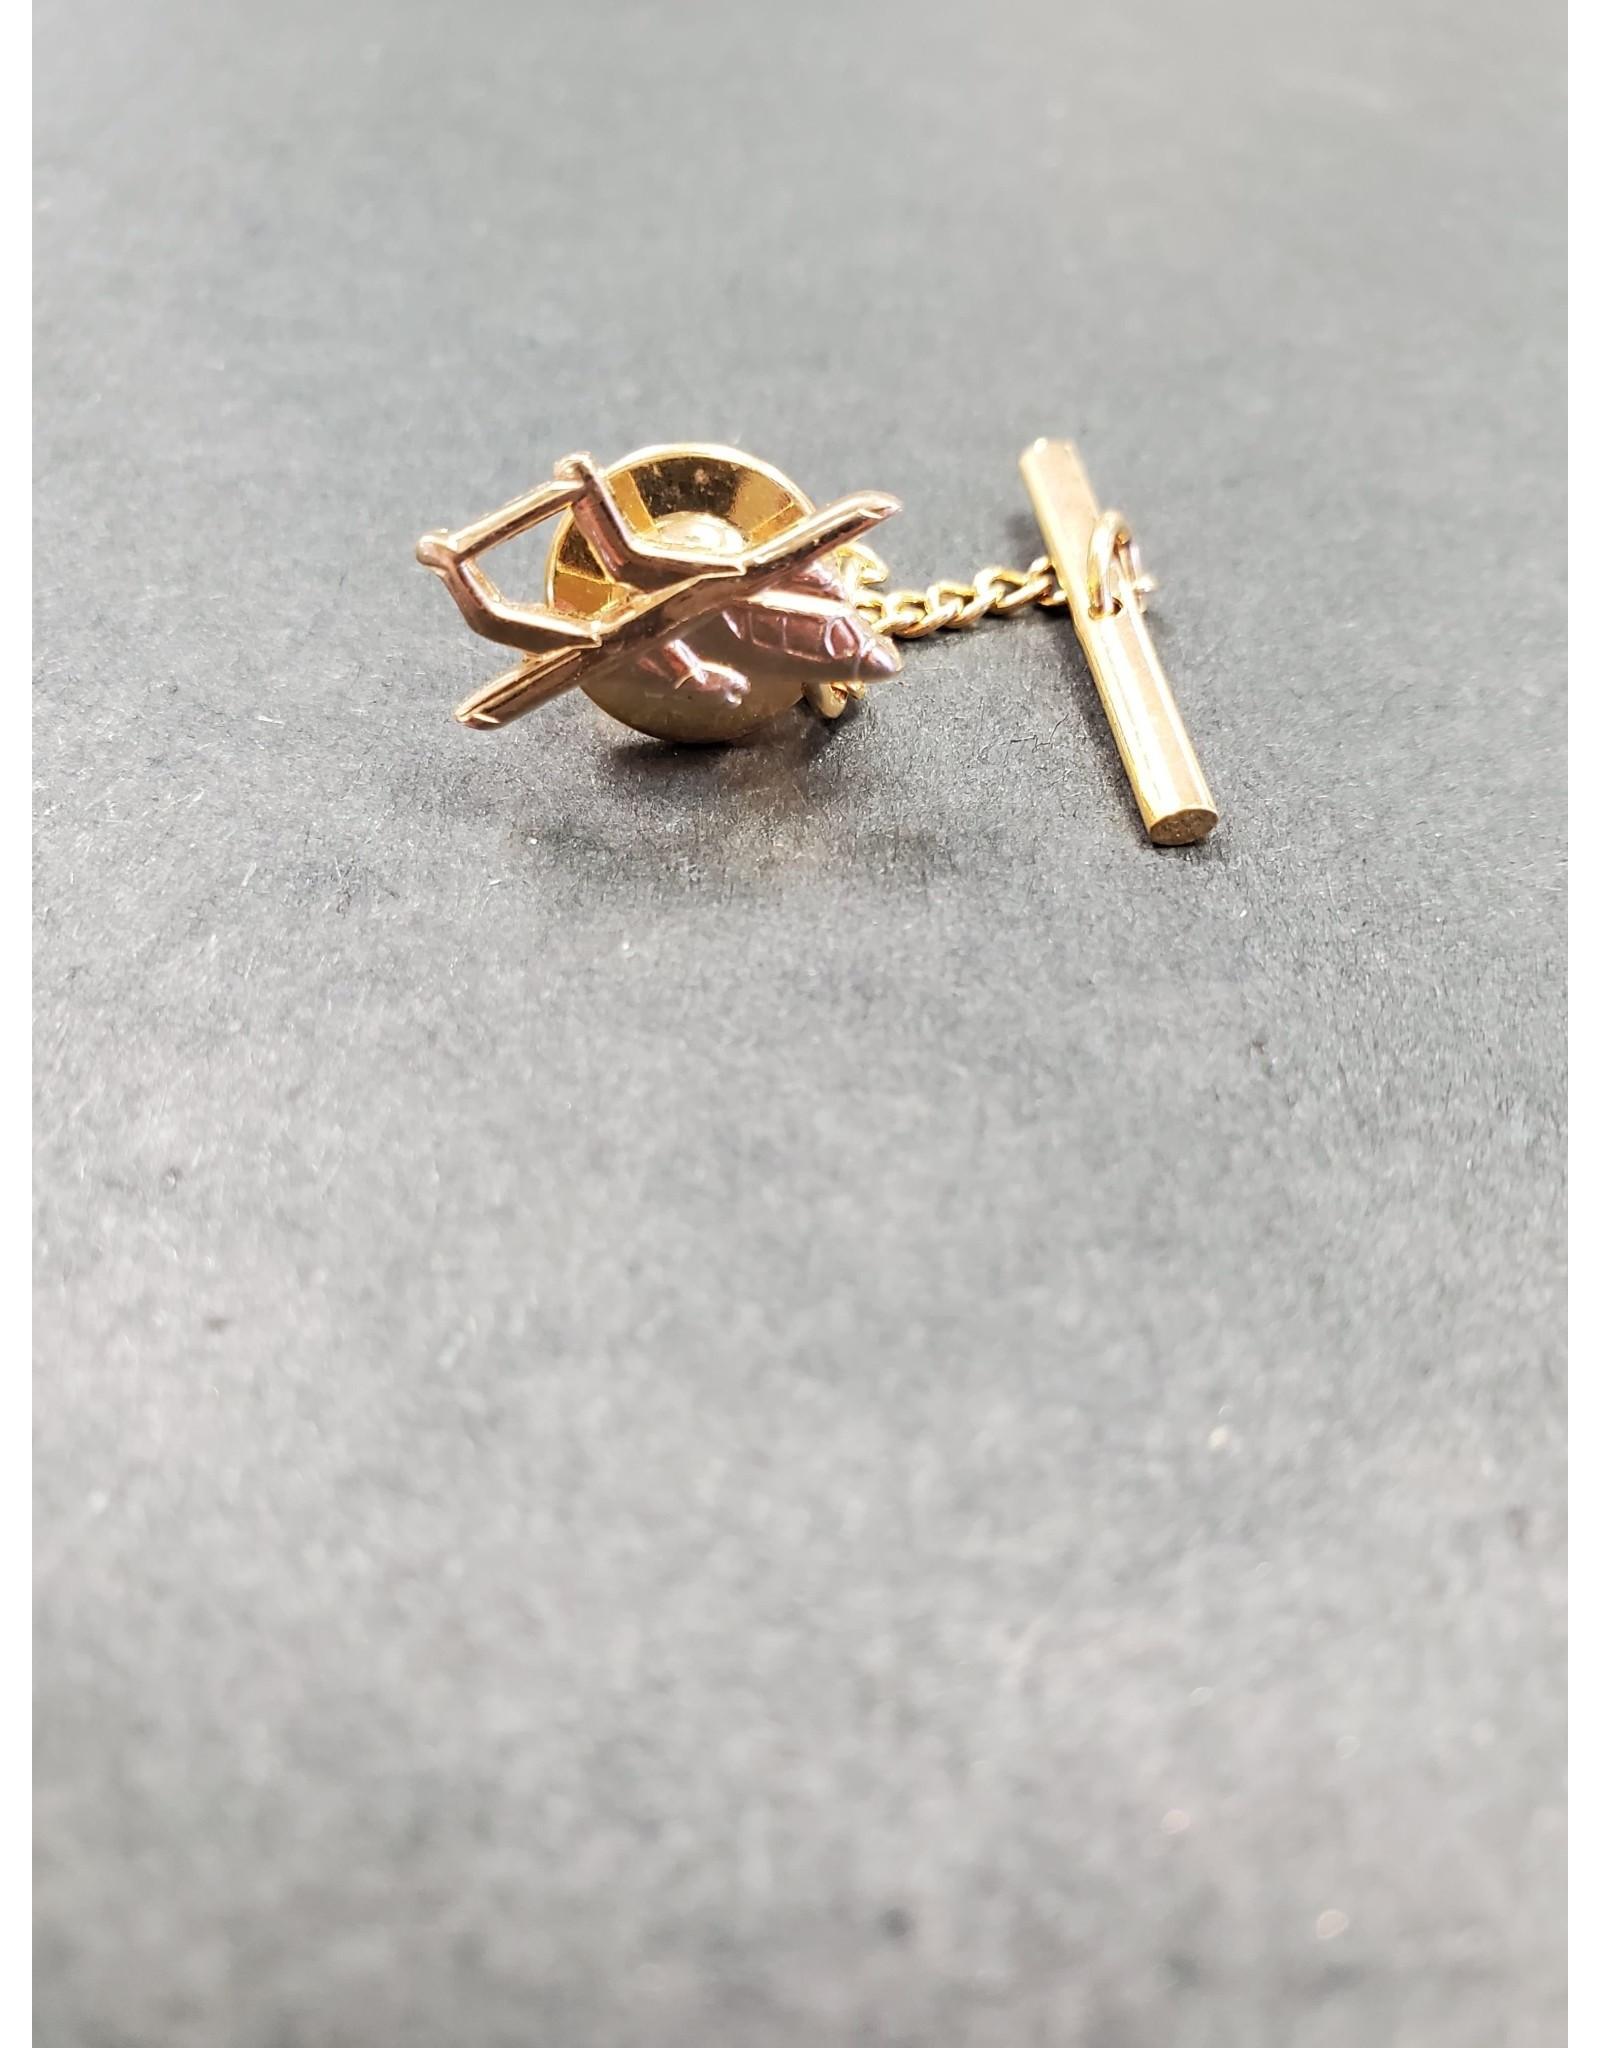 OV-10 Gold Tie Tack